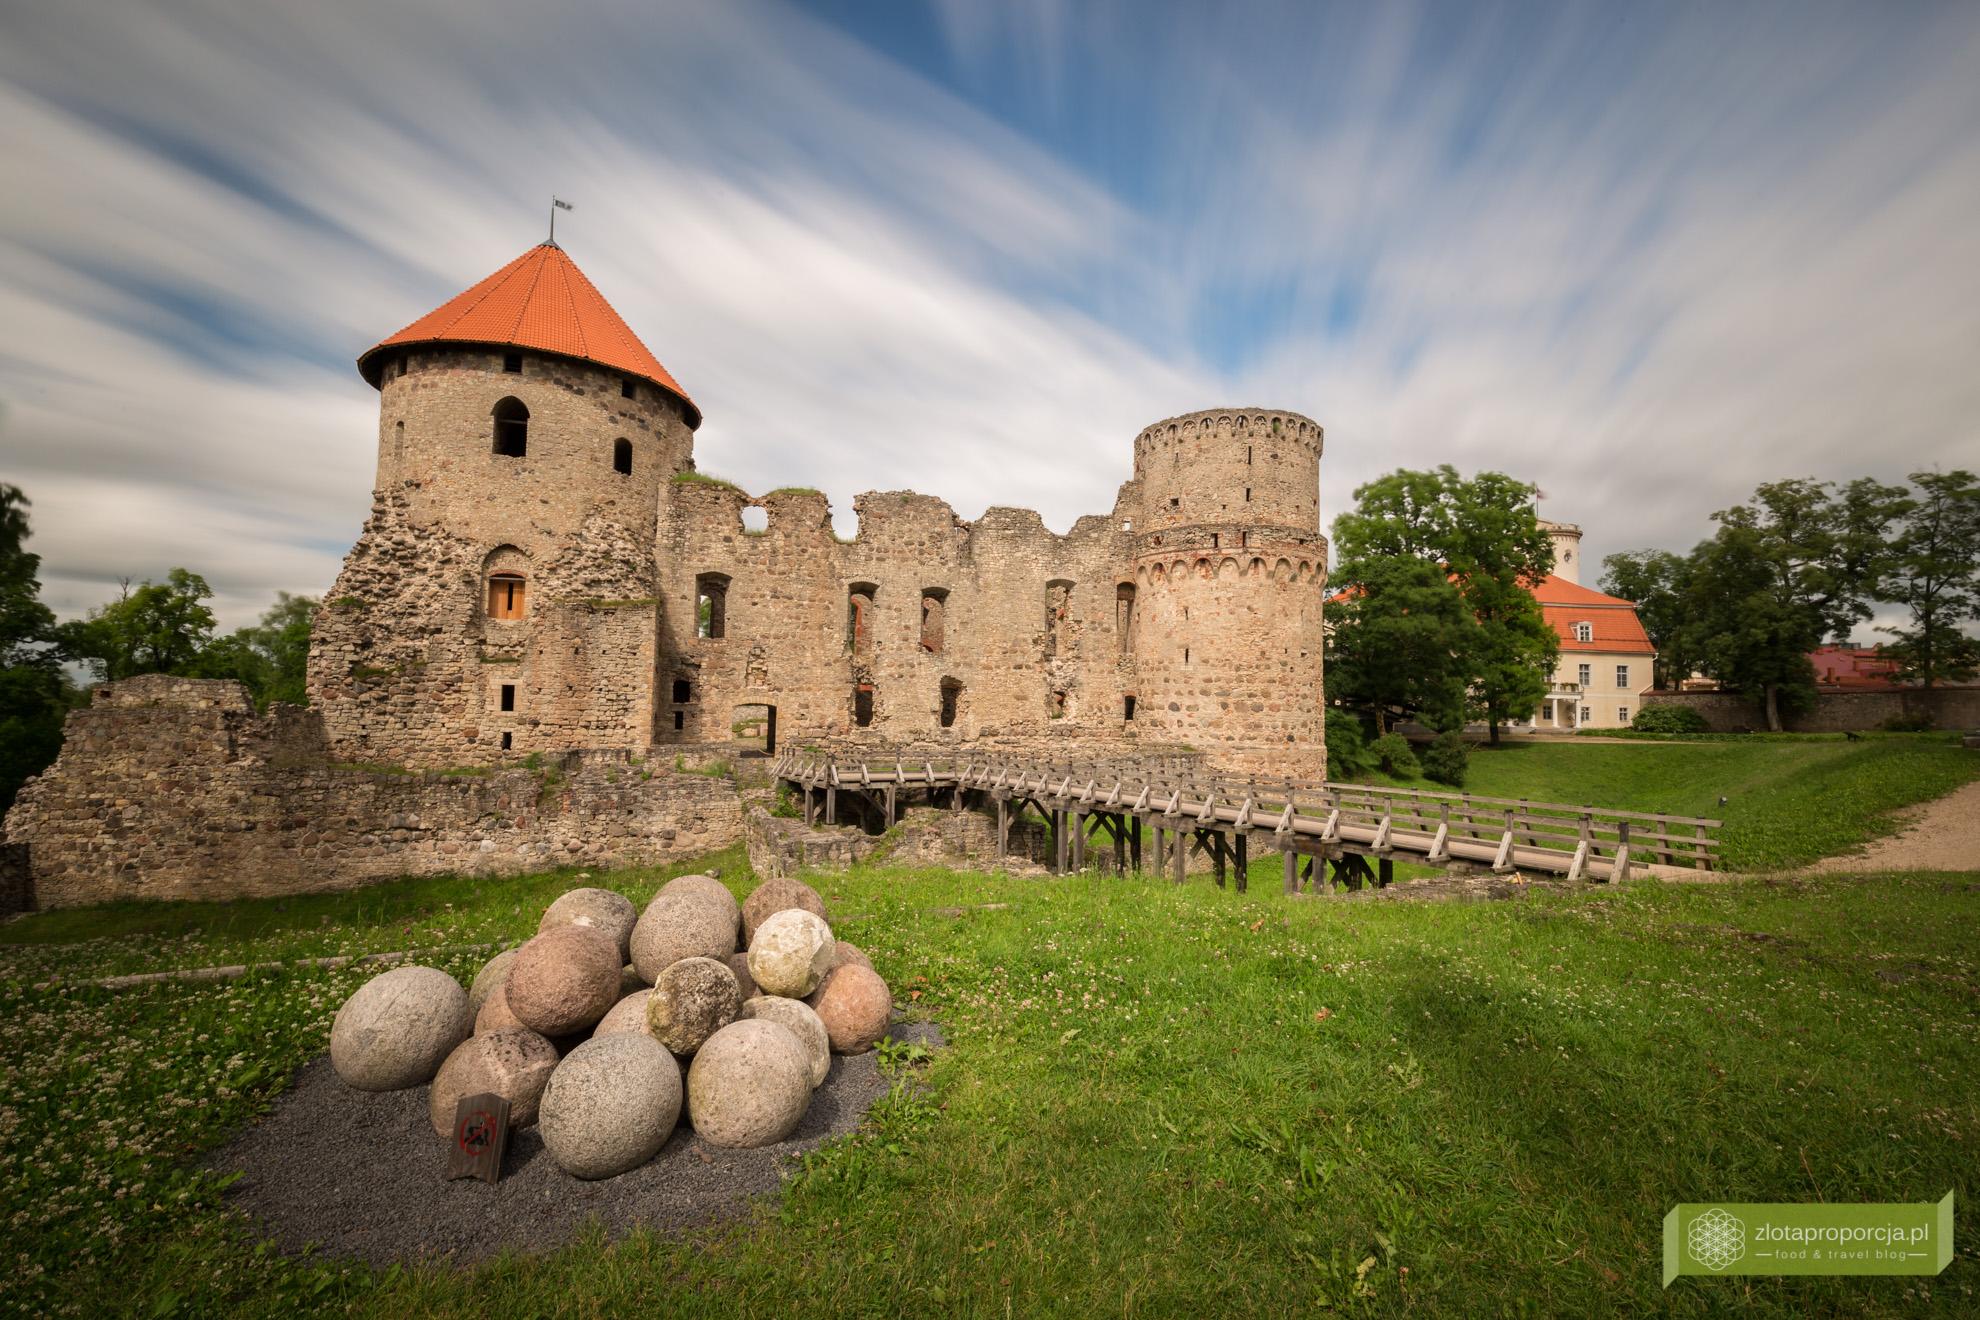 Łotwa, Park Narodowy Gauja, atrakcje Łotwy, Cesis, Kieś, zamek w Cesis